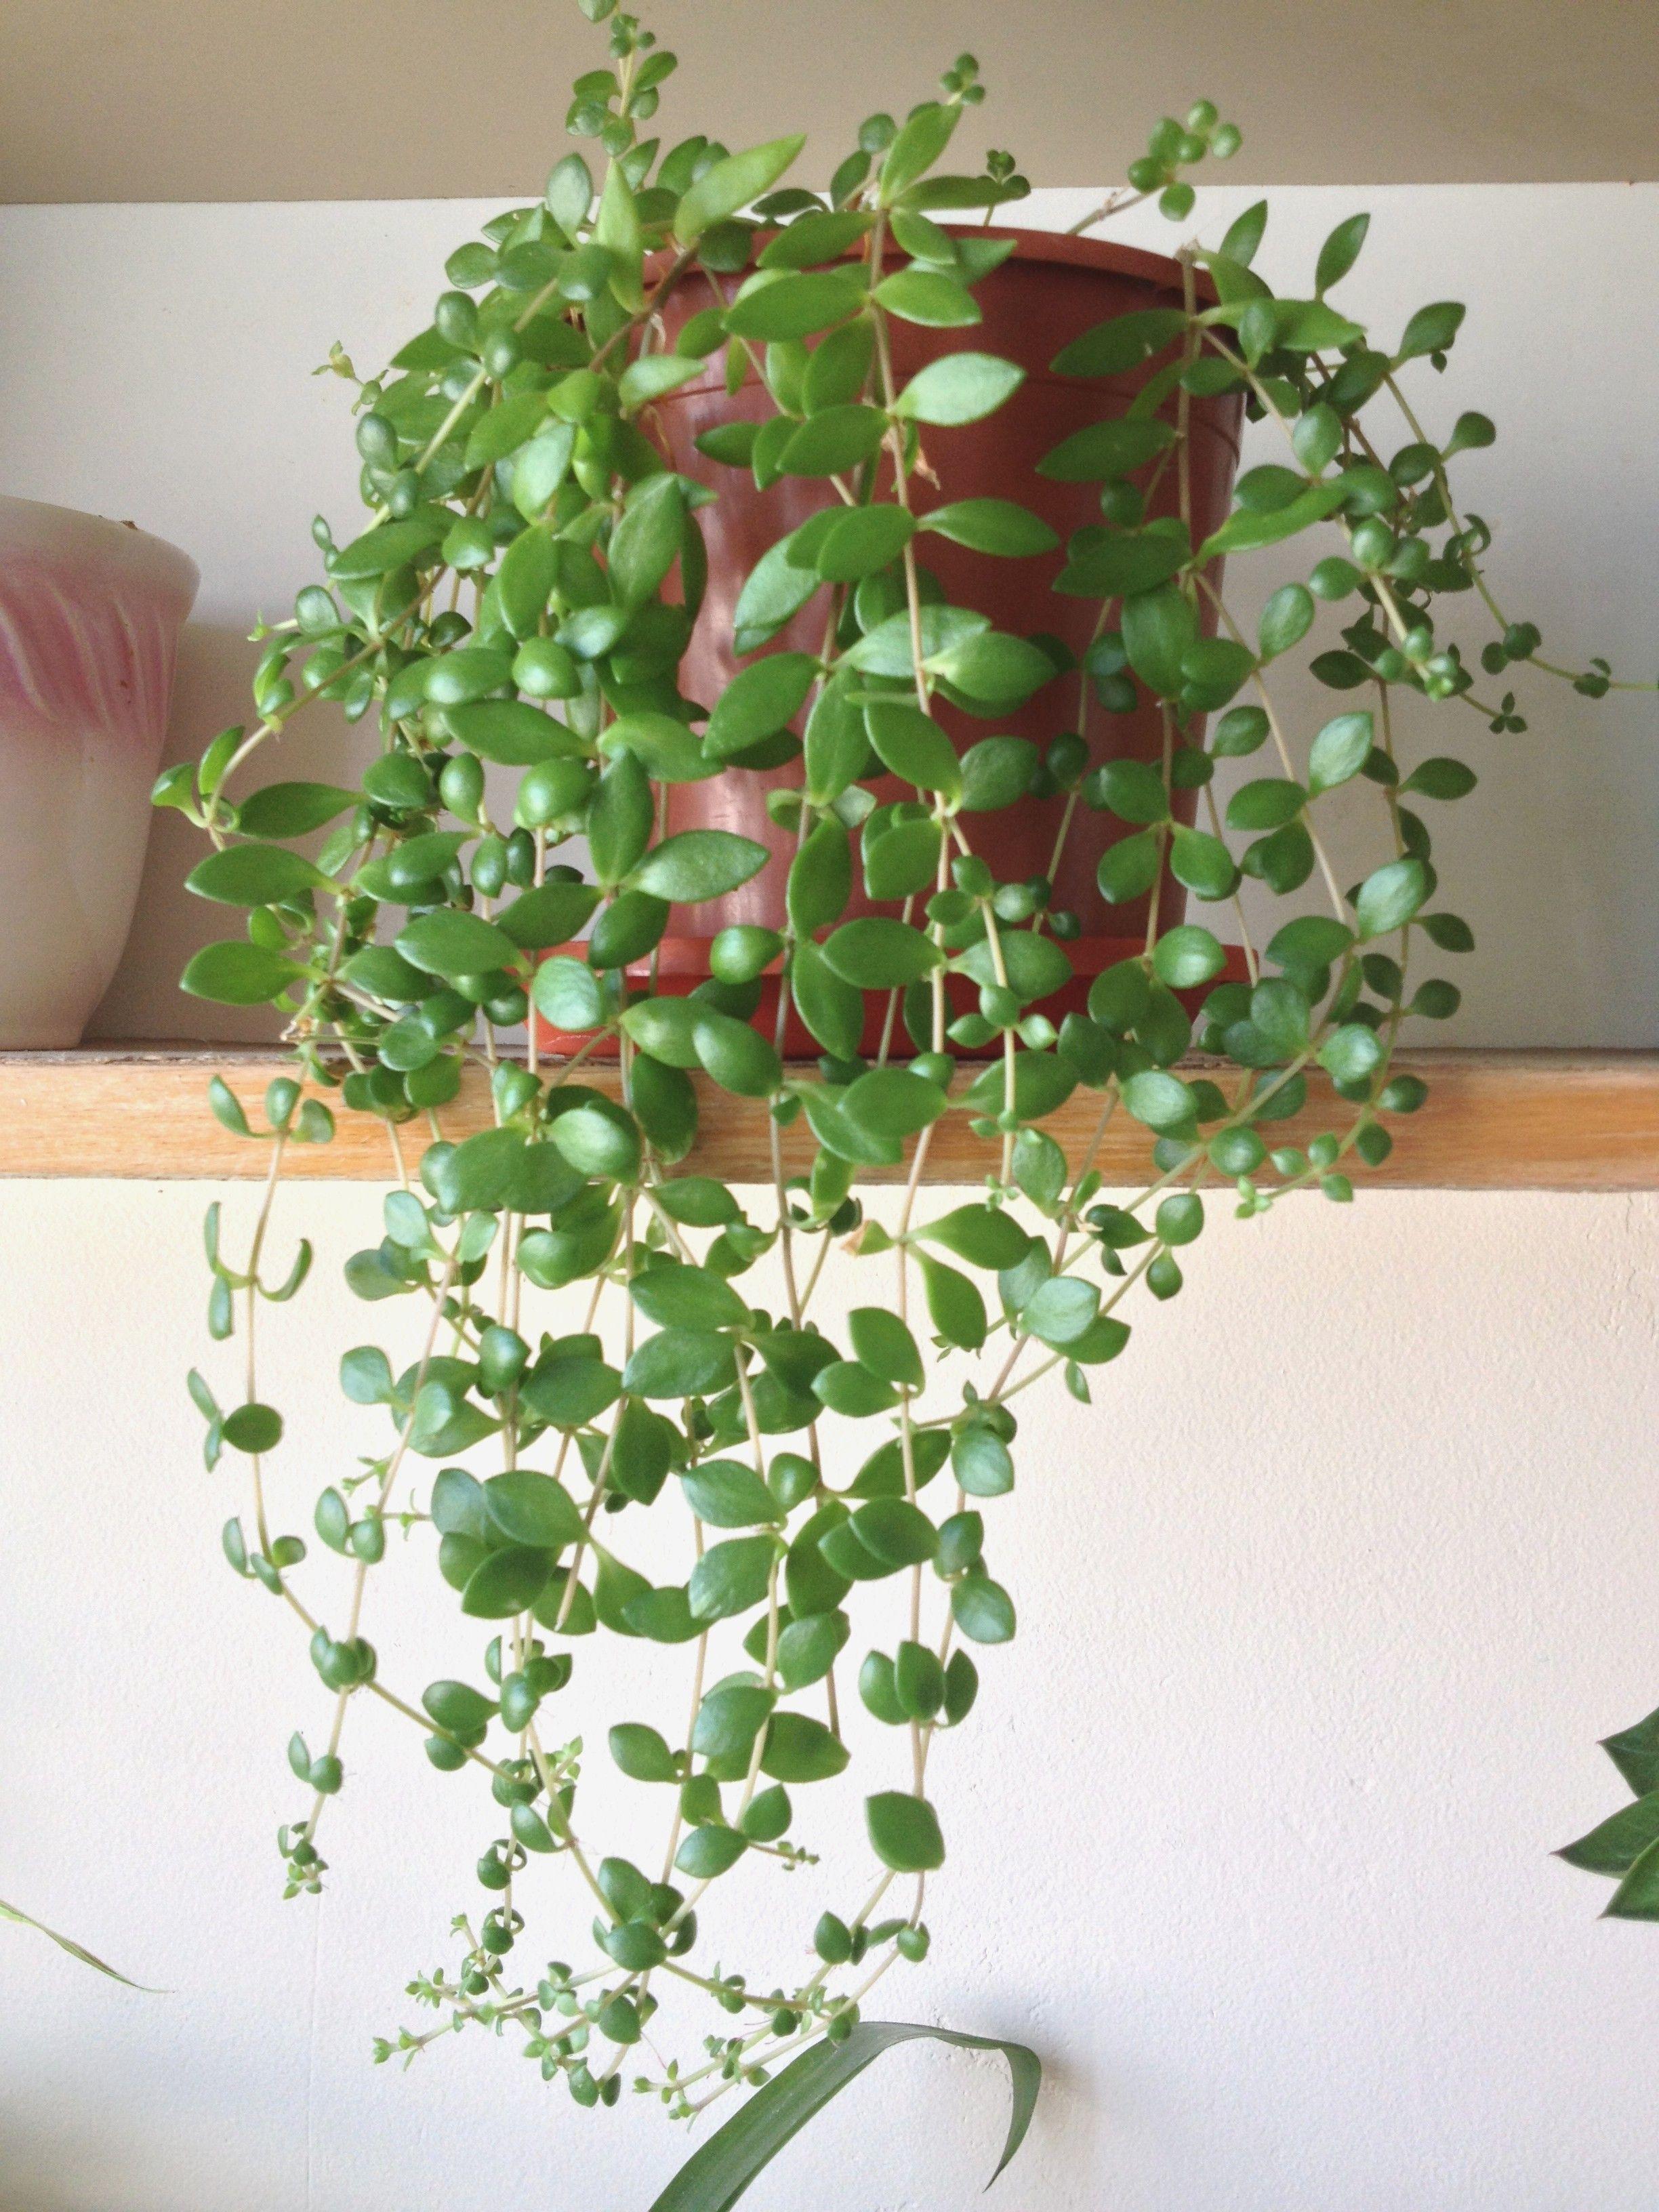 Best Trailing Indoor Plants